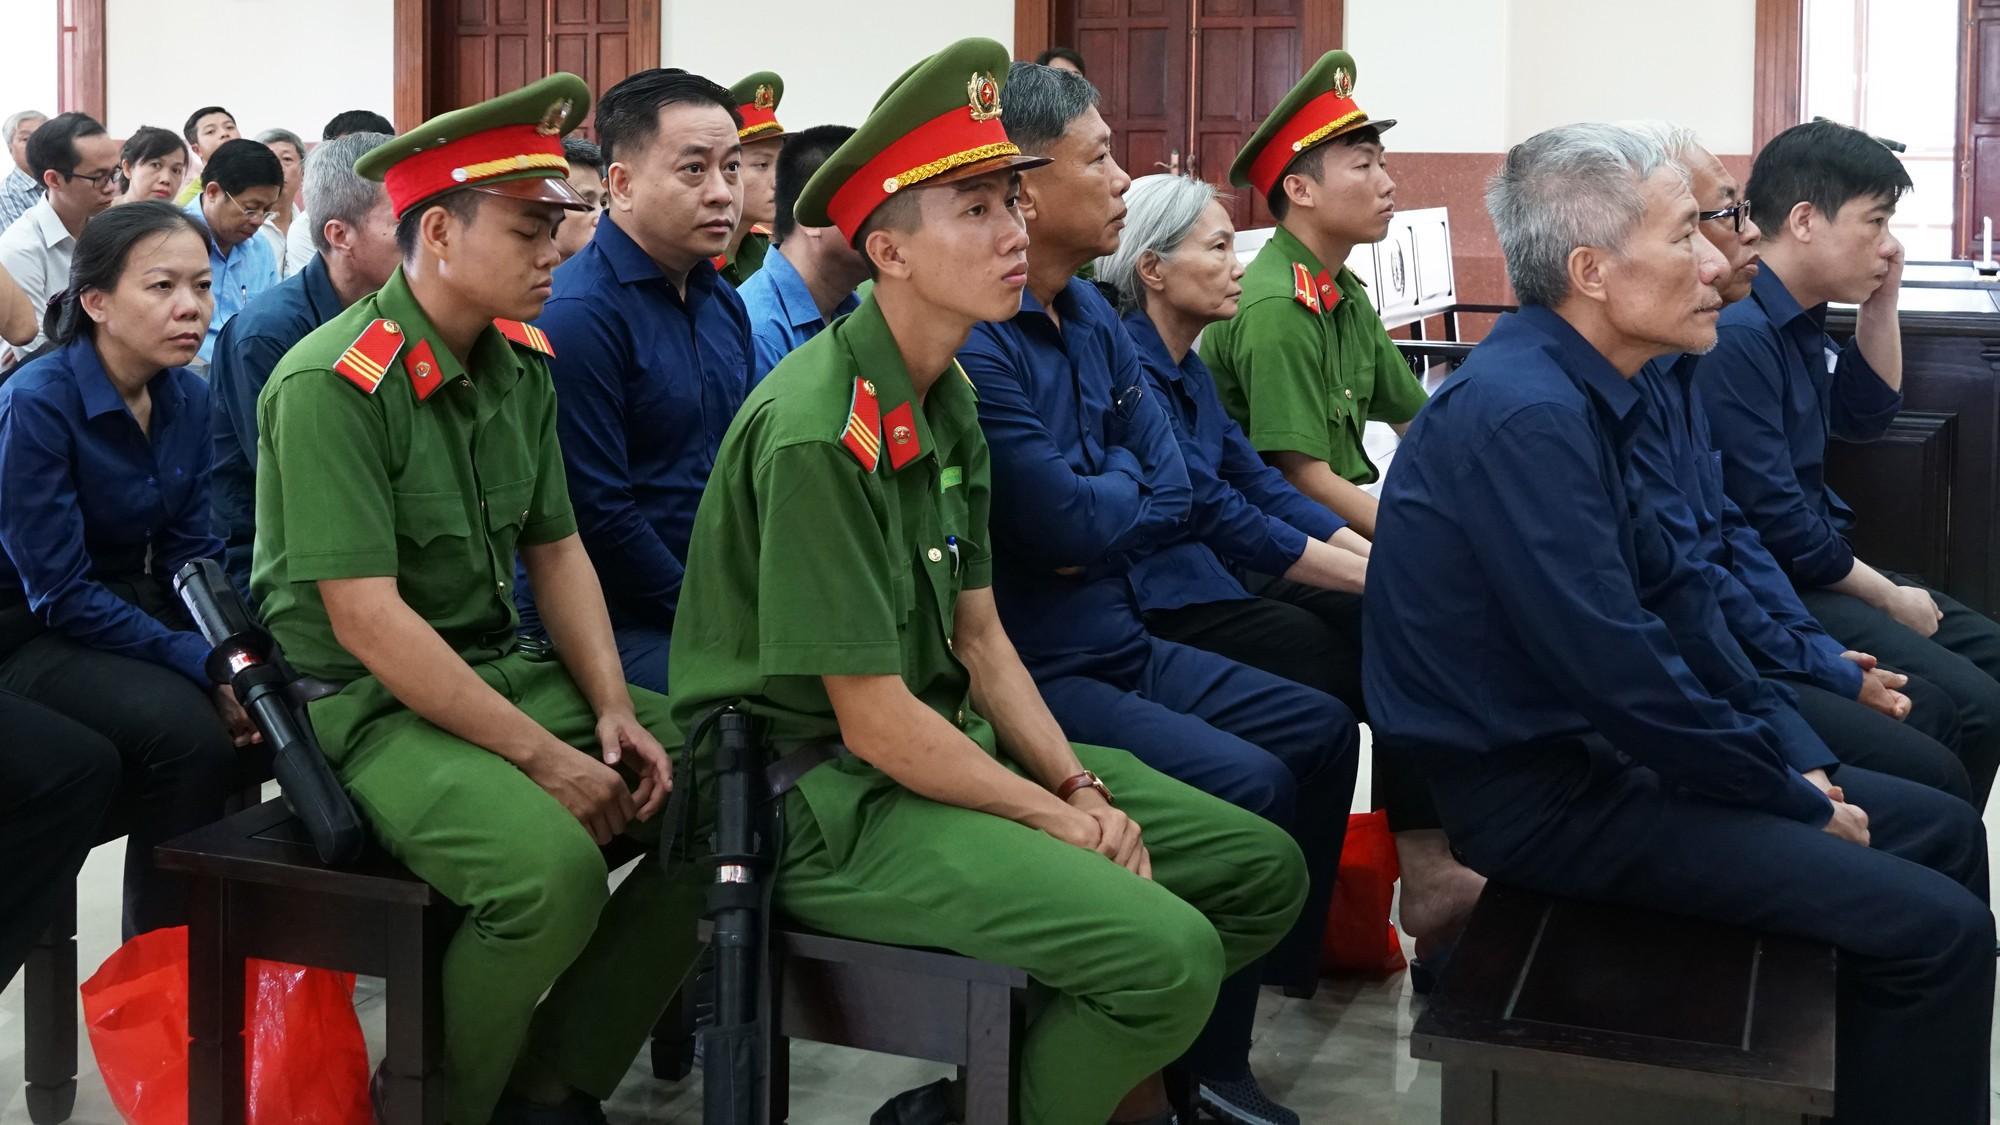 Tòa phúc thẩm sắp mở lại phiên xử Phan Văn Anh Vũ cùng đồng phạm - Ảnh 2.